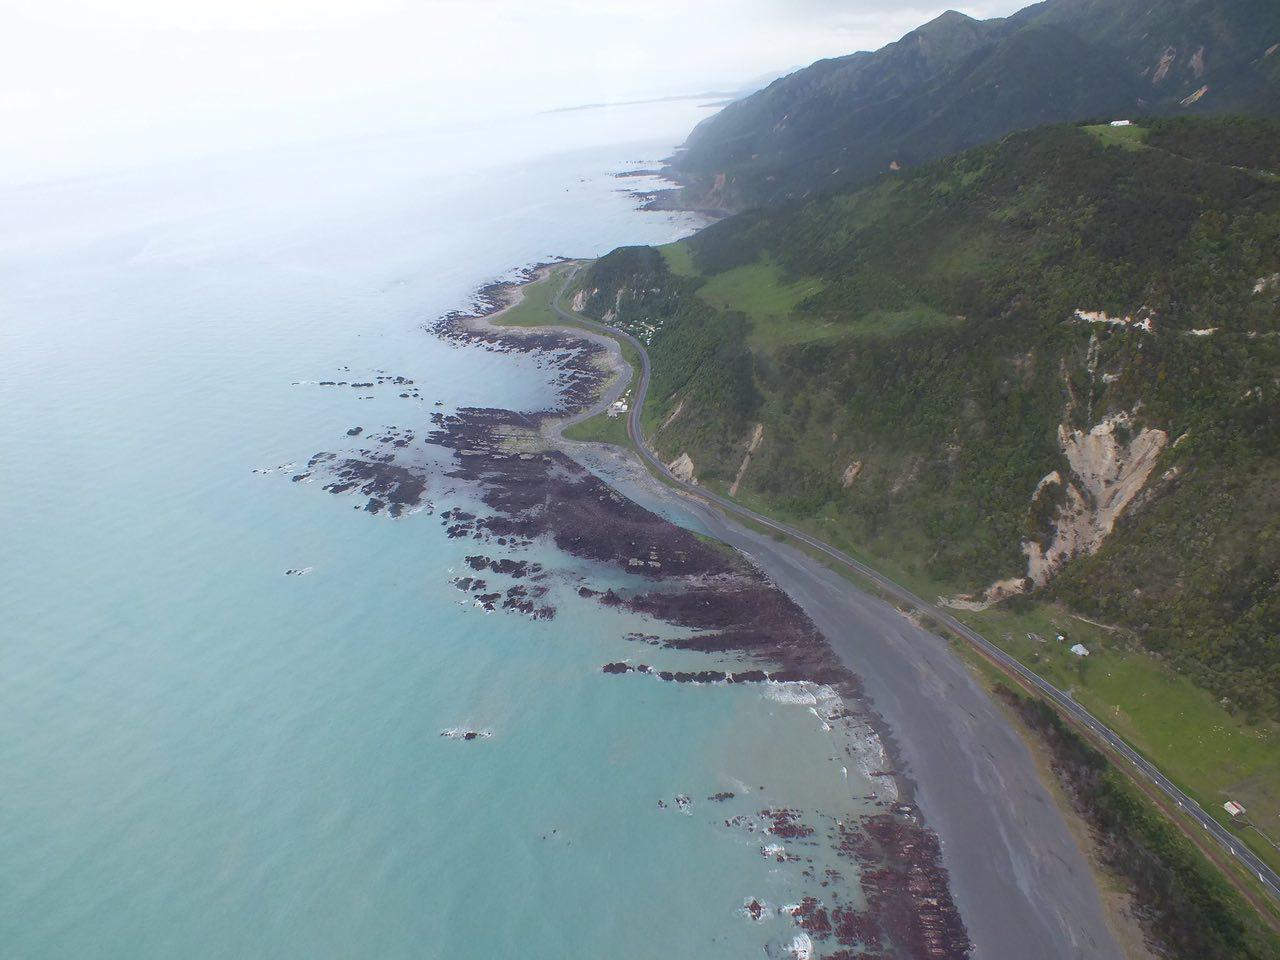 Imagen: lecho marino expuesto por levantamiento de la zona costera de Kaikoura, Nueva Zelanda.